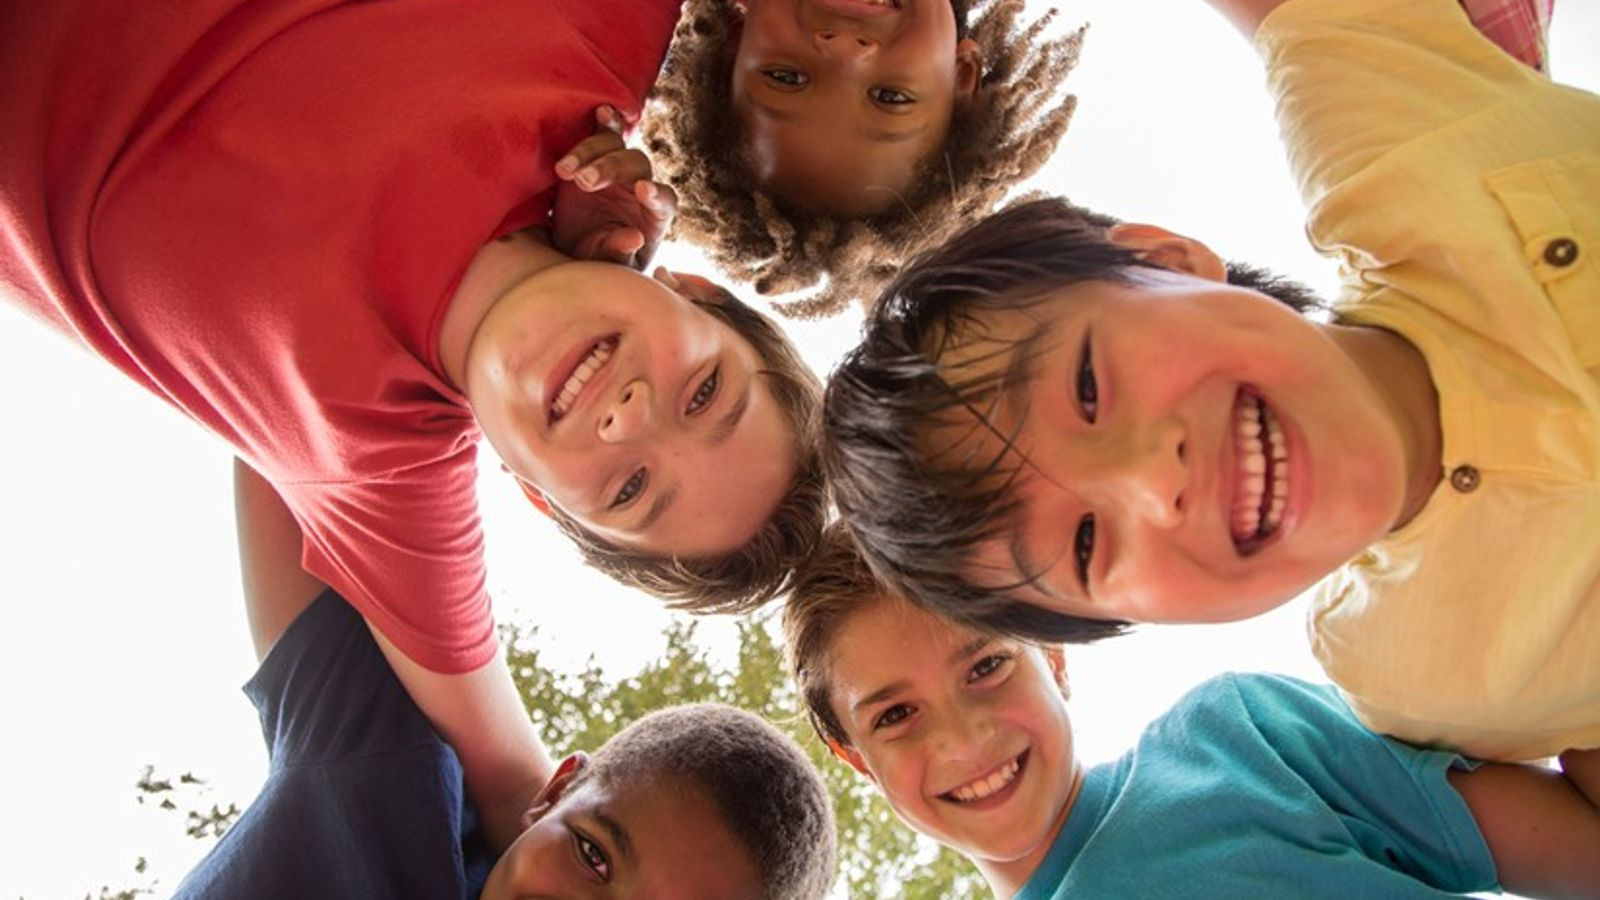 Alienta a tus hijos a que tengan amistades diversas. Muy pronto todos van a poder jugar ...